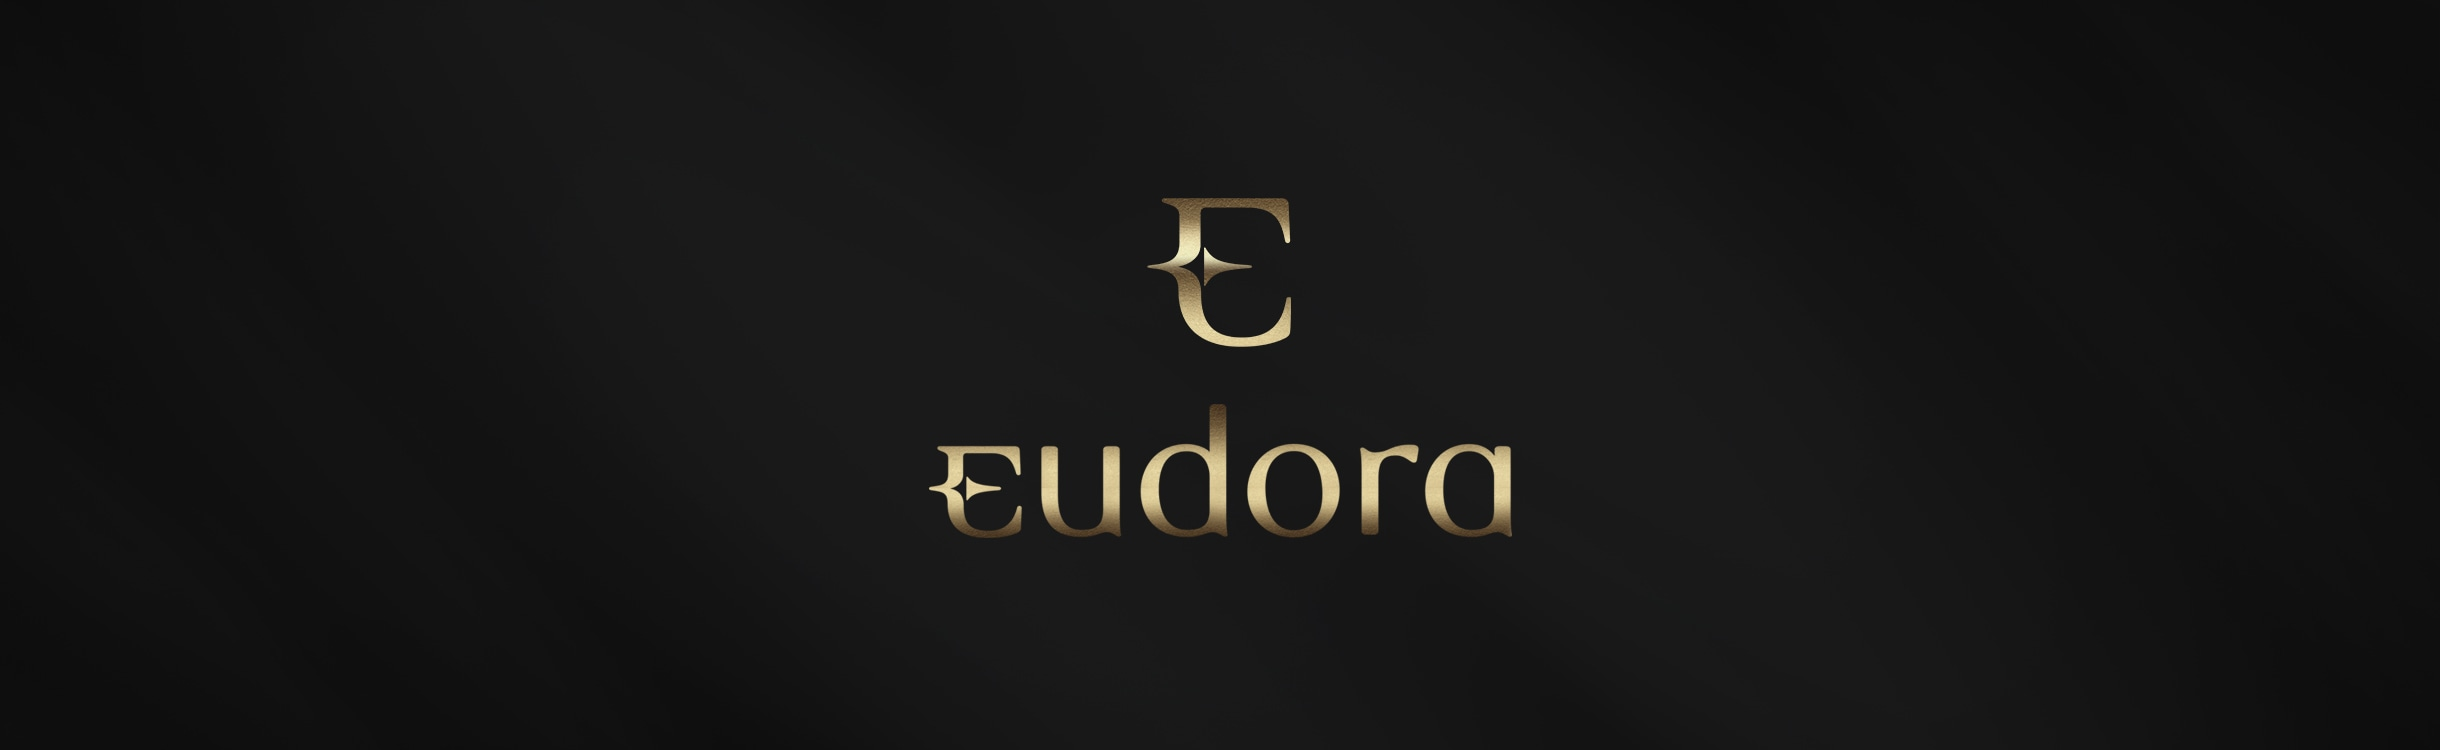 Eudora: Maquiagem para os Olhos